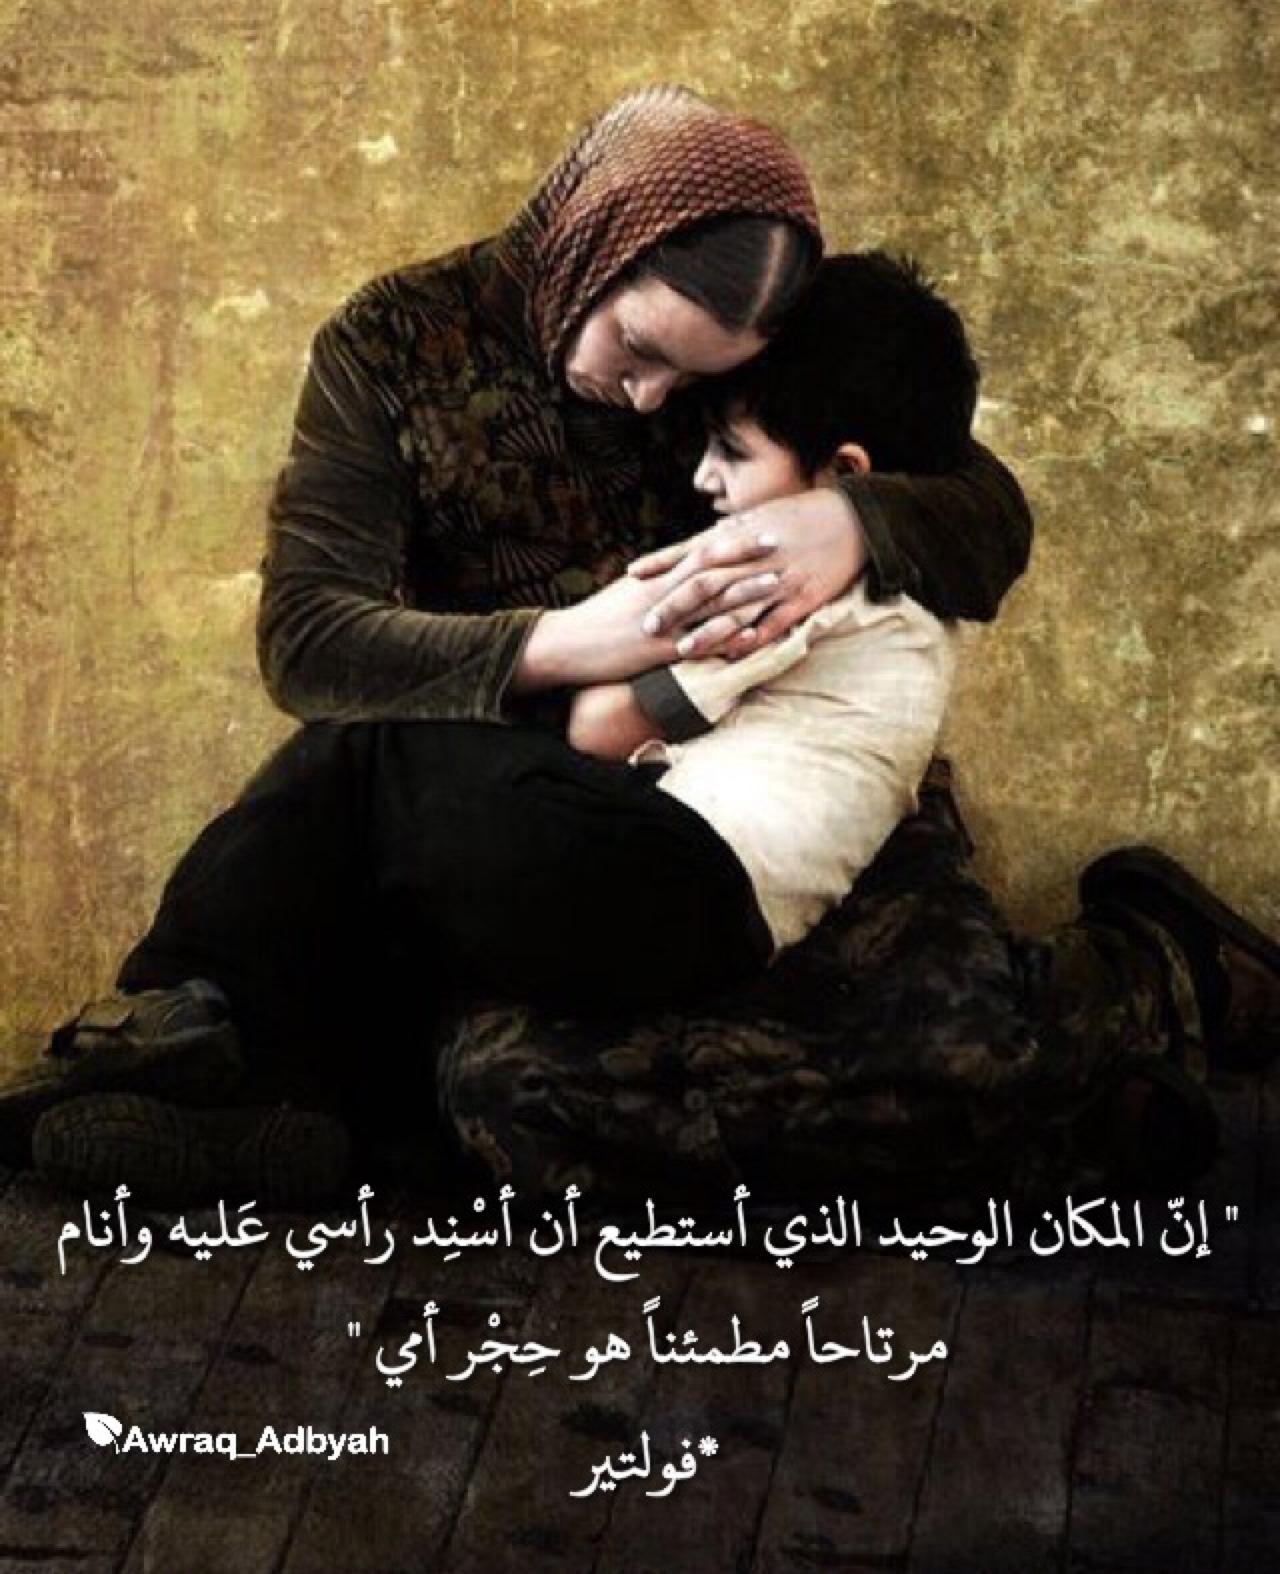 بالصور صور جميله عن الام , اجمل الصور المعبرة عن الامومة 3092 6